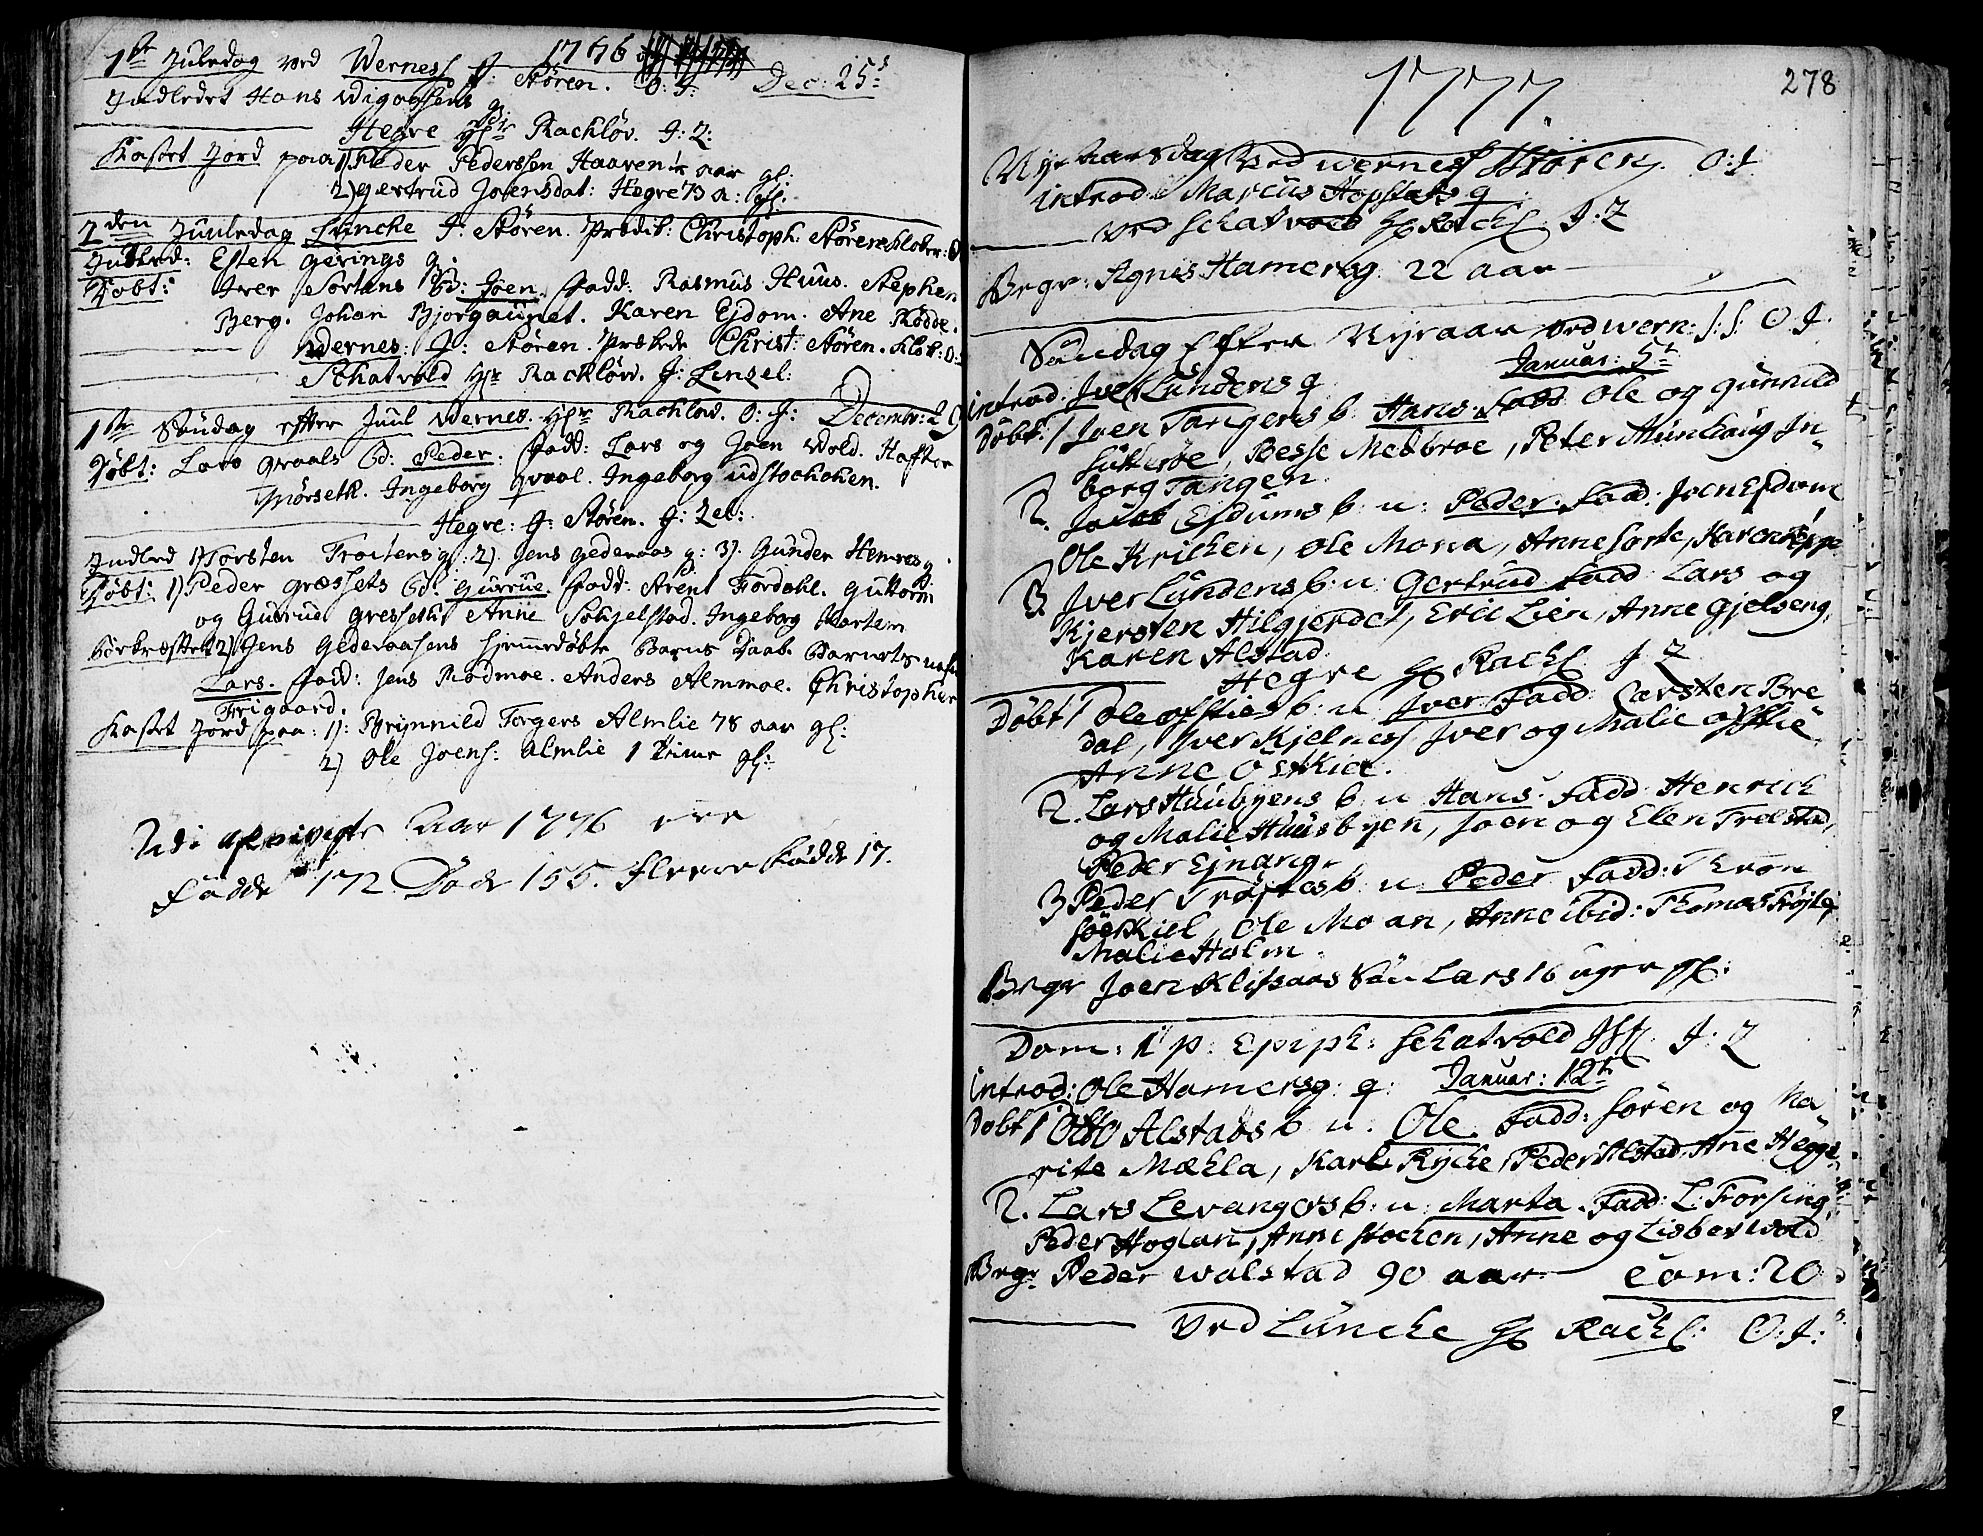 SAT, Ministerialprotokoller, klokkerbøker og fødselsregistre - Nord-Trøndelag, 709/L0057: Ministerialbok nr. 709A05, 1755-1780, s. 278